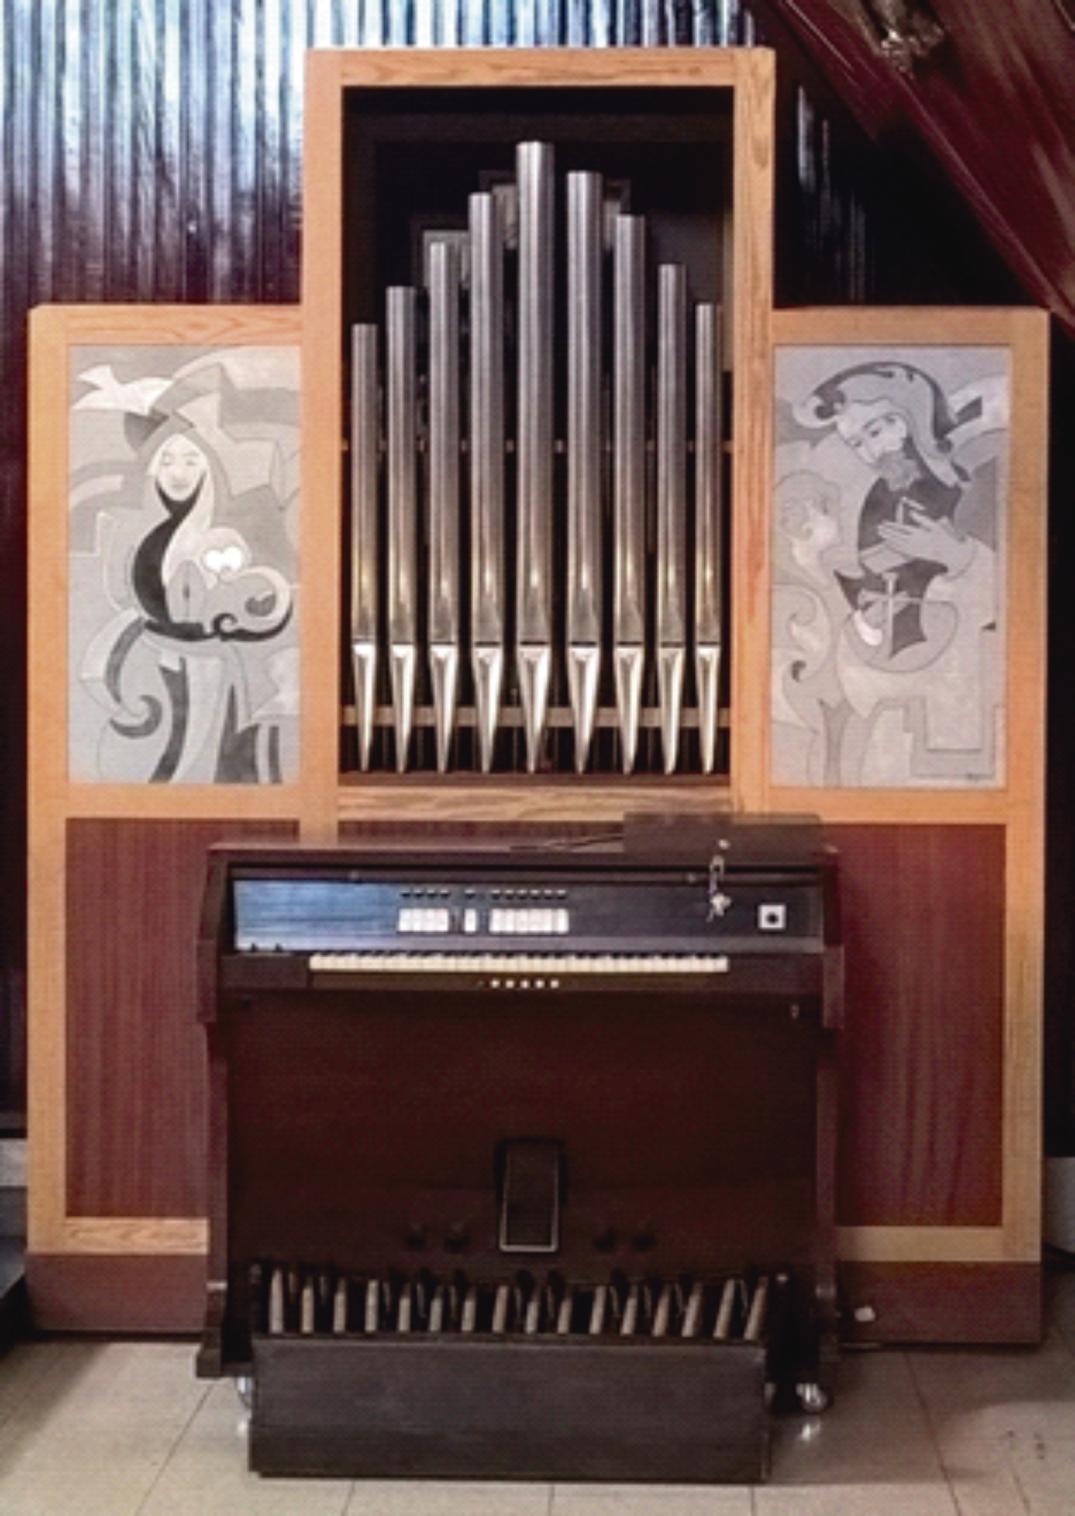 O Órgão de Tubos é um instrumento musical da família dos aerofones de teclas, tocado por meio de um ou mais manuais e uma pedaleira. Na foto, o órgão de Tubos da Escola Piamarta Aguanambi (Foto: Divulgação)